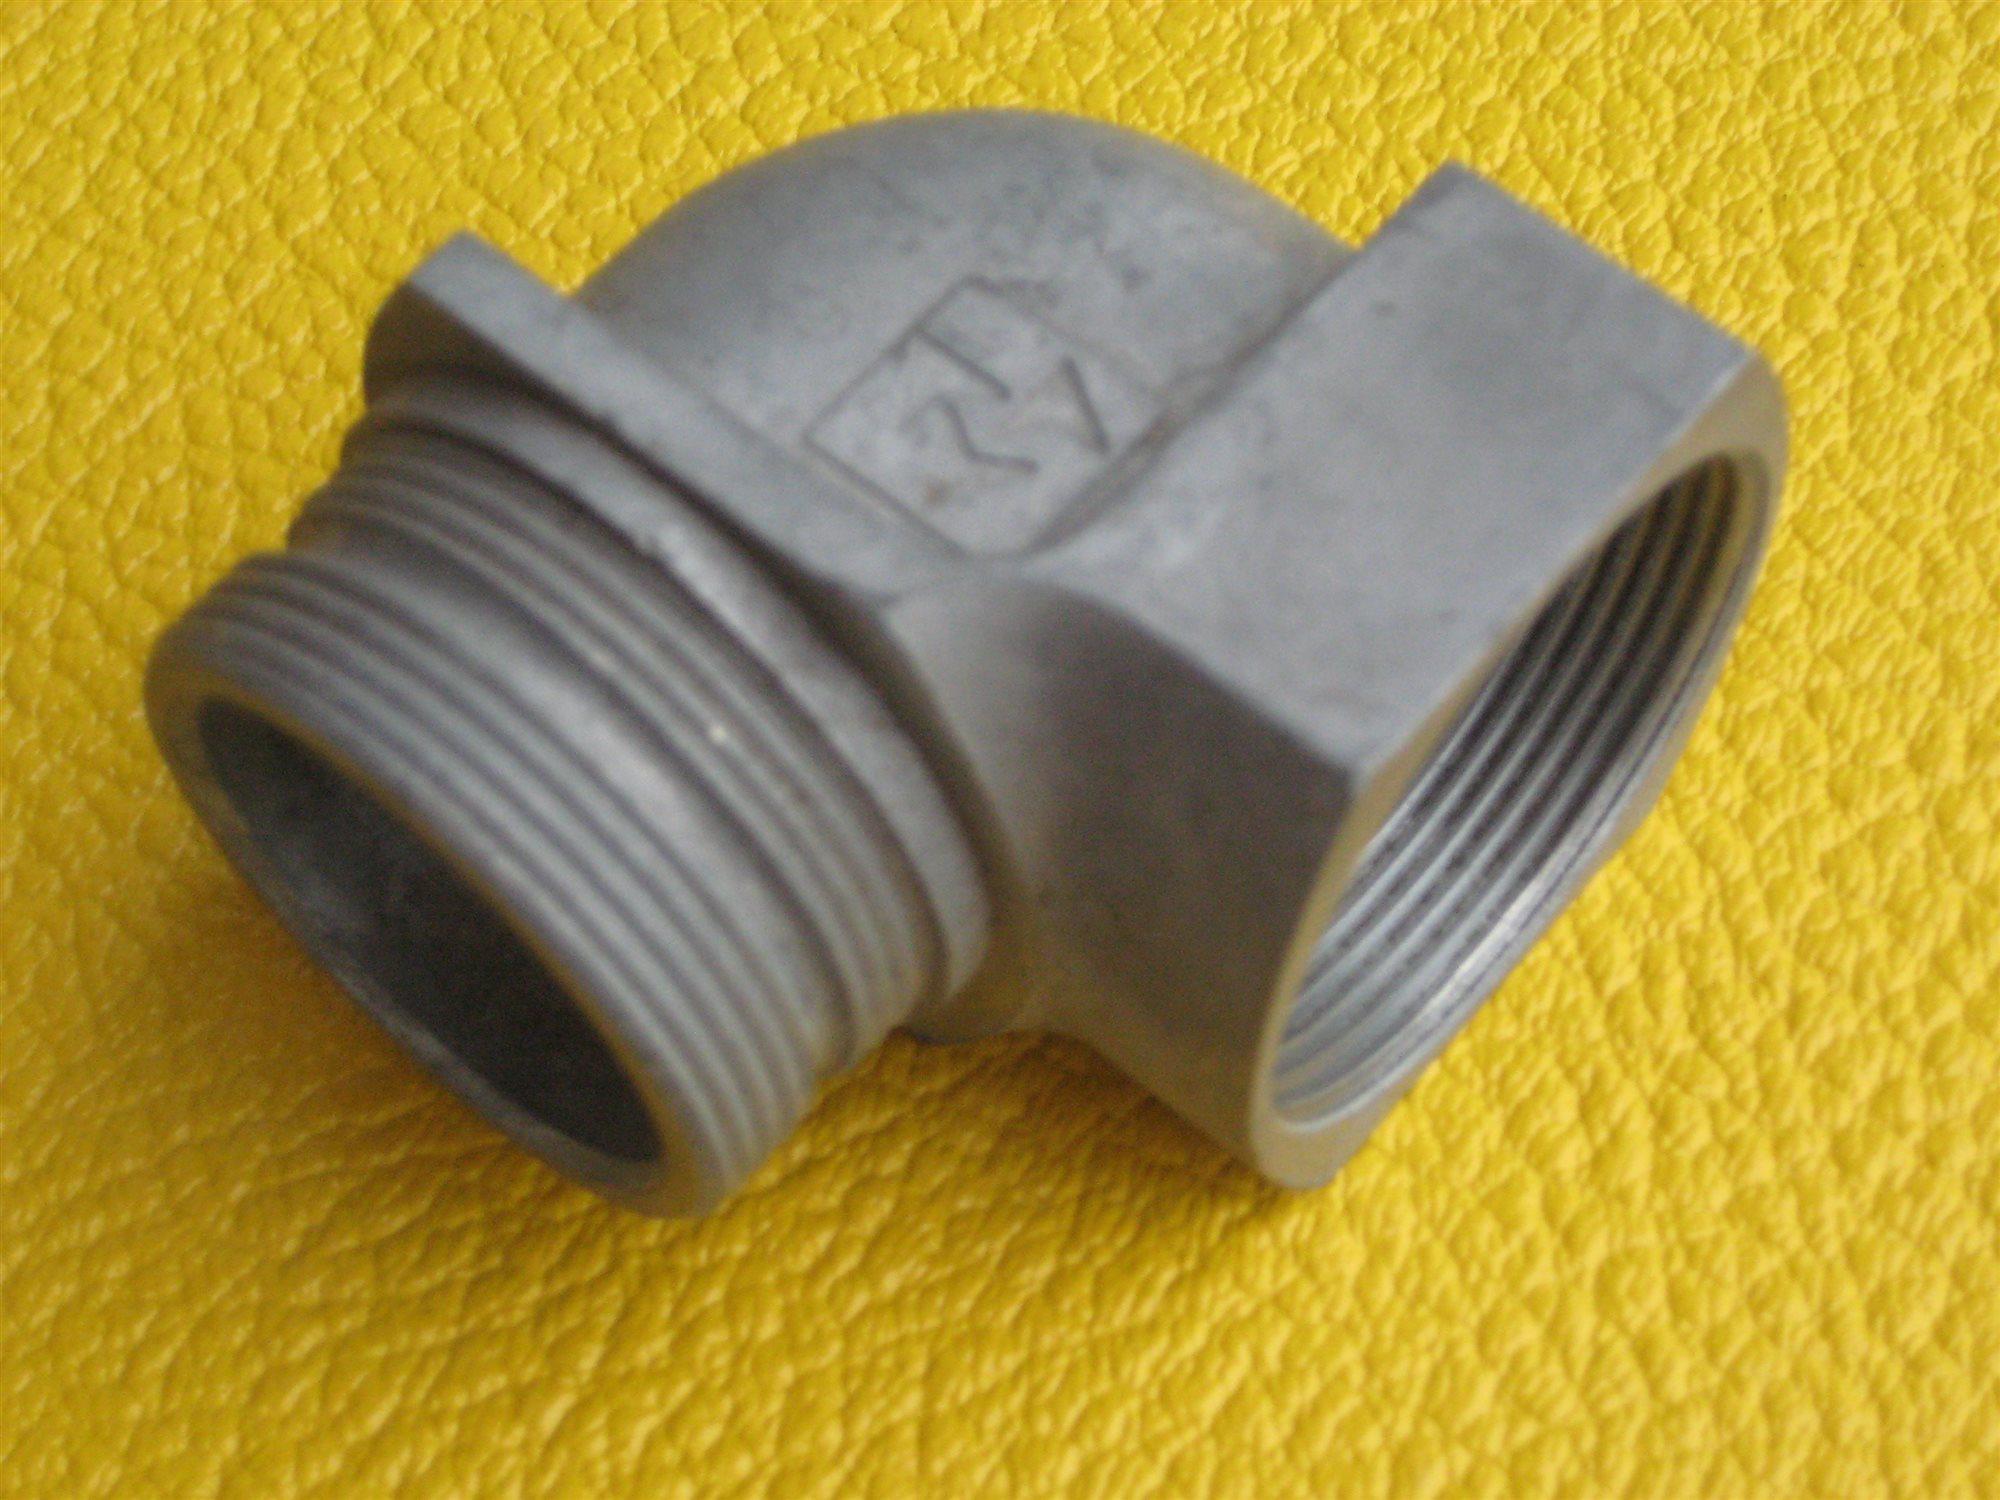 Weidmüller HDC-10B-SLU-2PG16 Sockelgehäuse B10 Rocksta